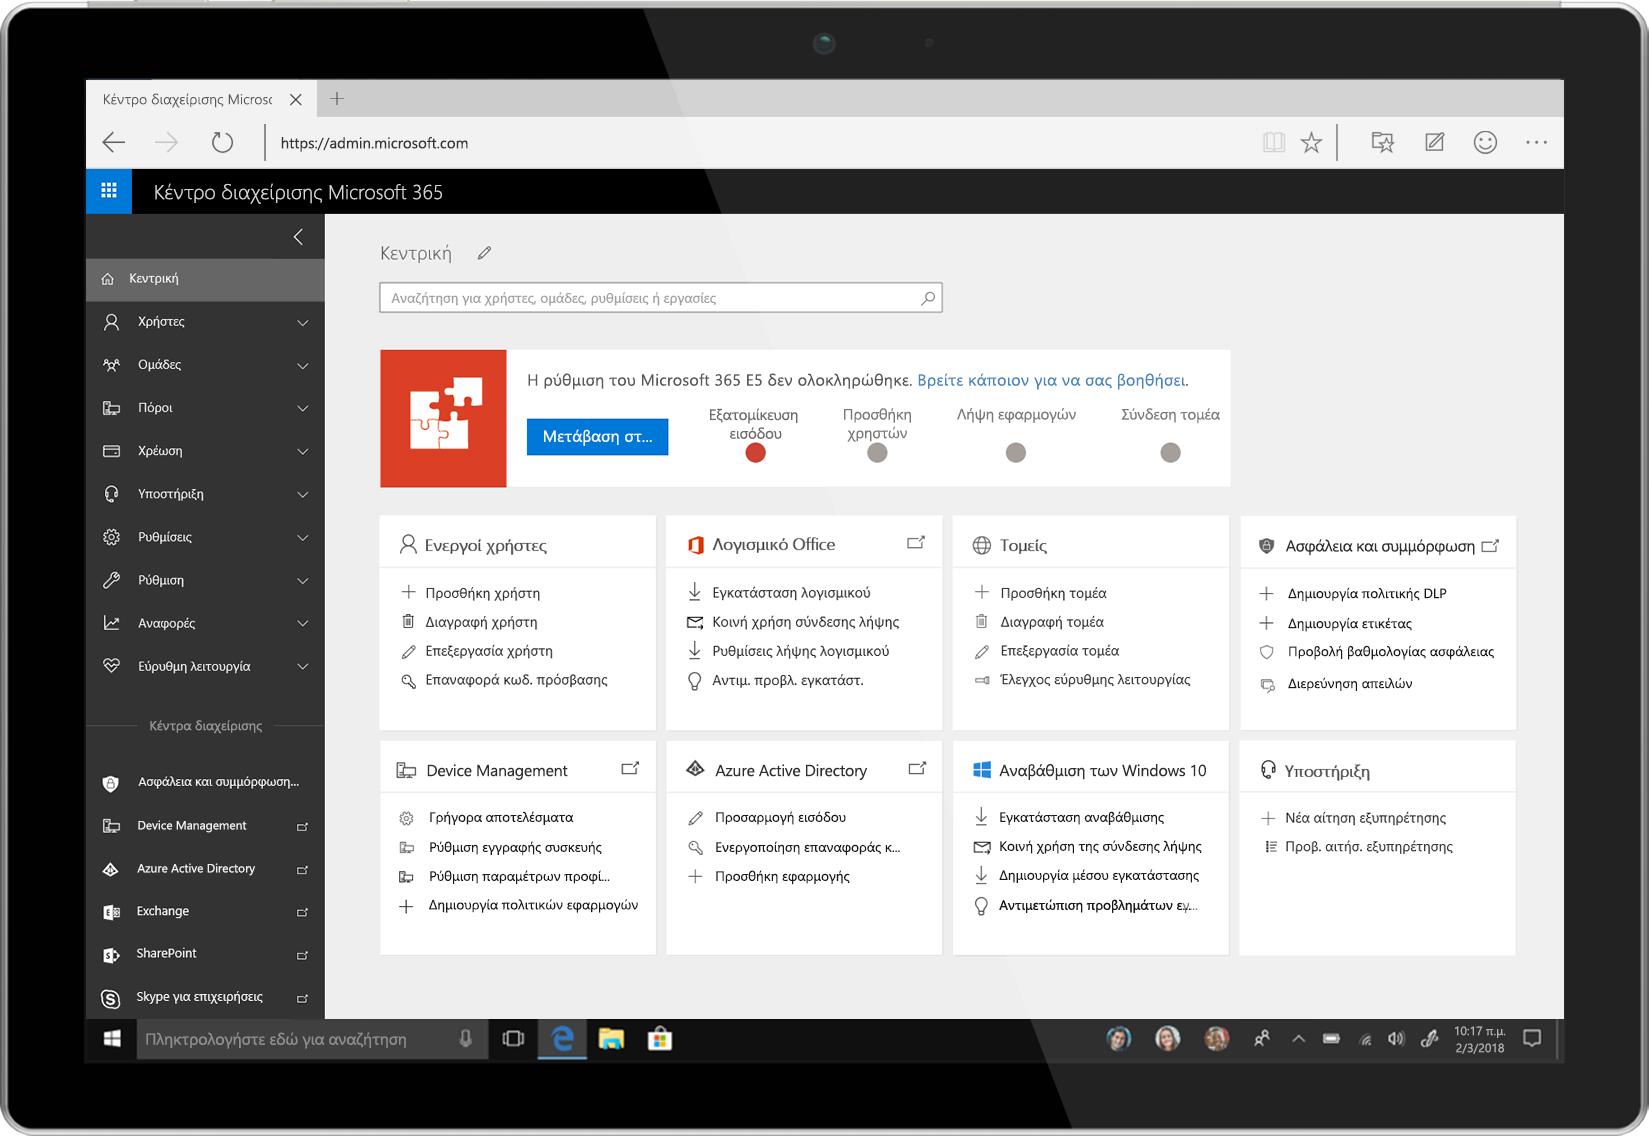 Εικόνα ενός tablet που εμφανίζει το Κέντρο διαχείρισης Microsoft 365.